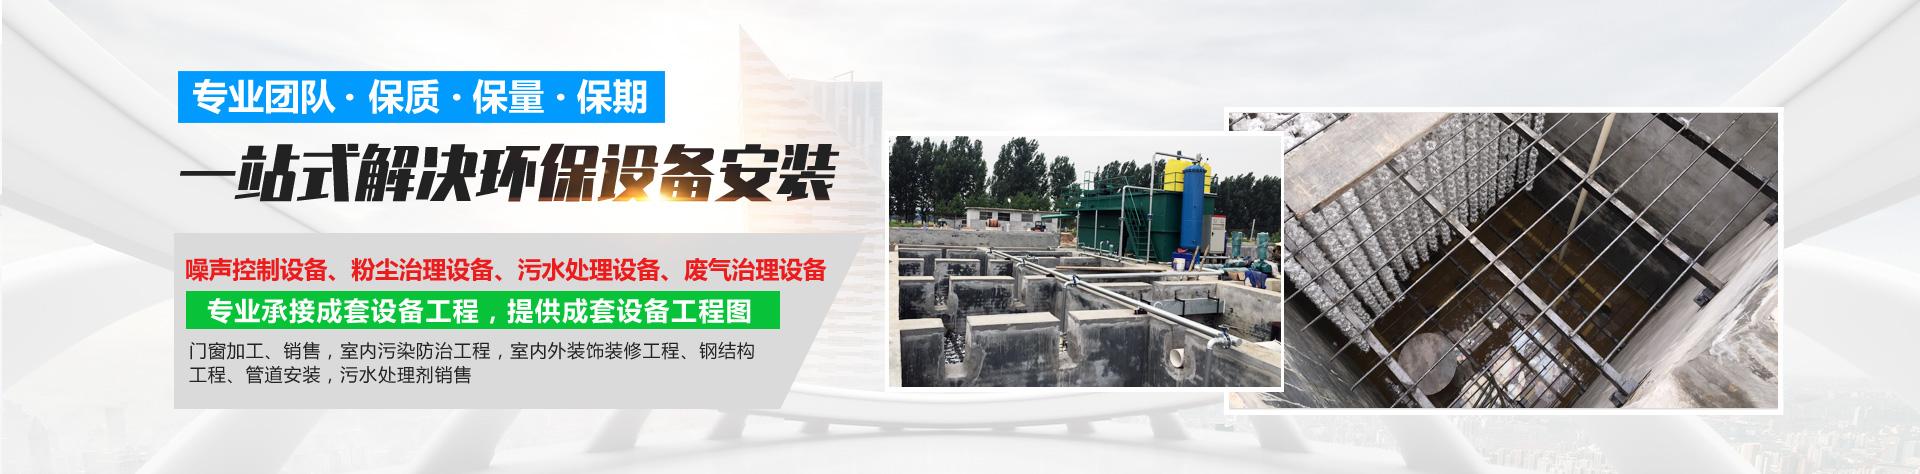 山东佳奇环保ballbet官网下载股份有限公司